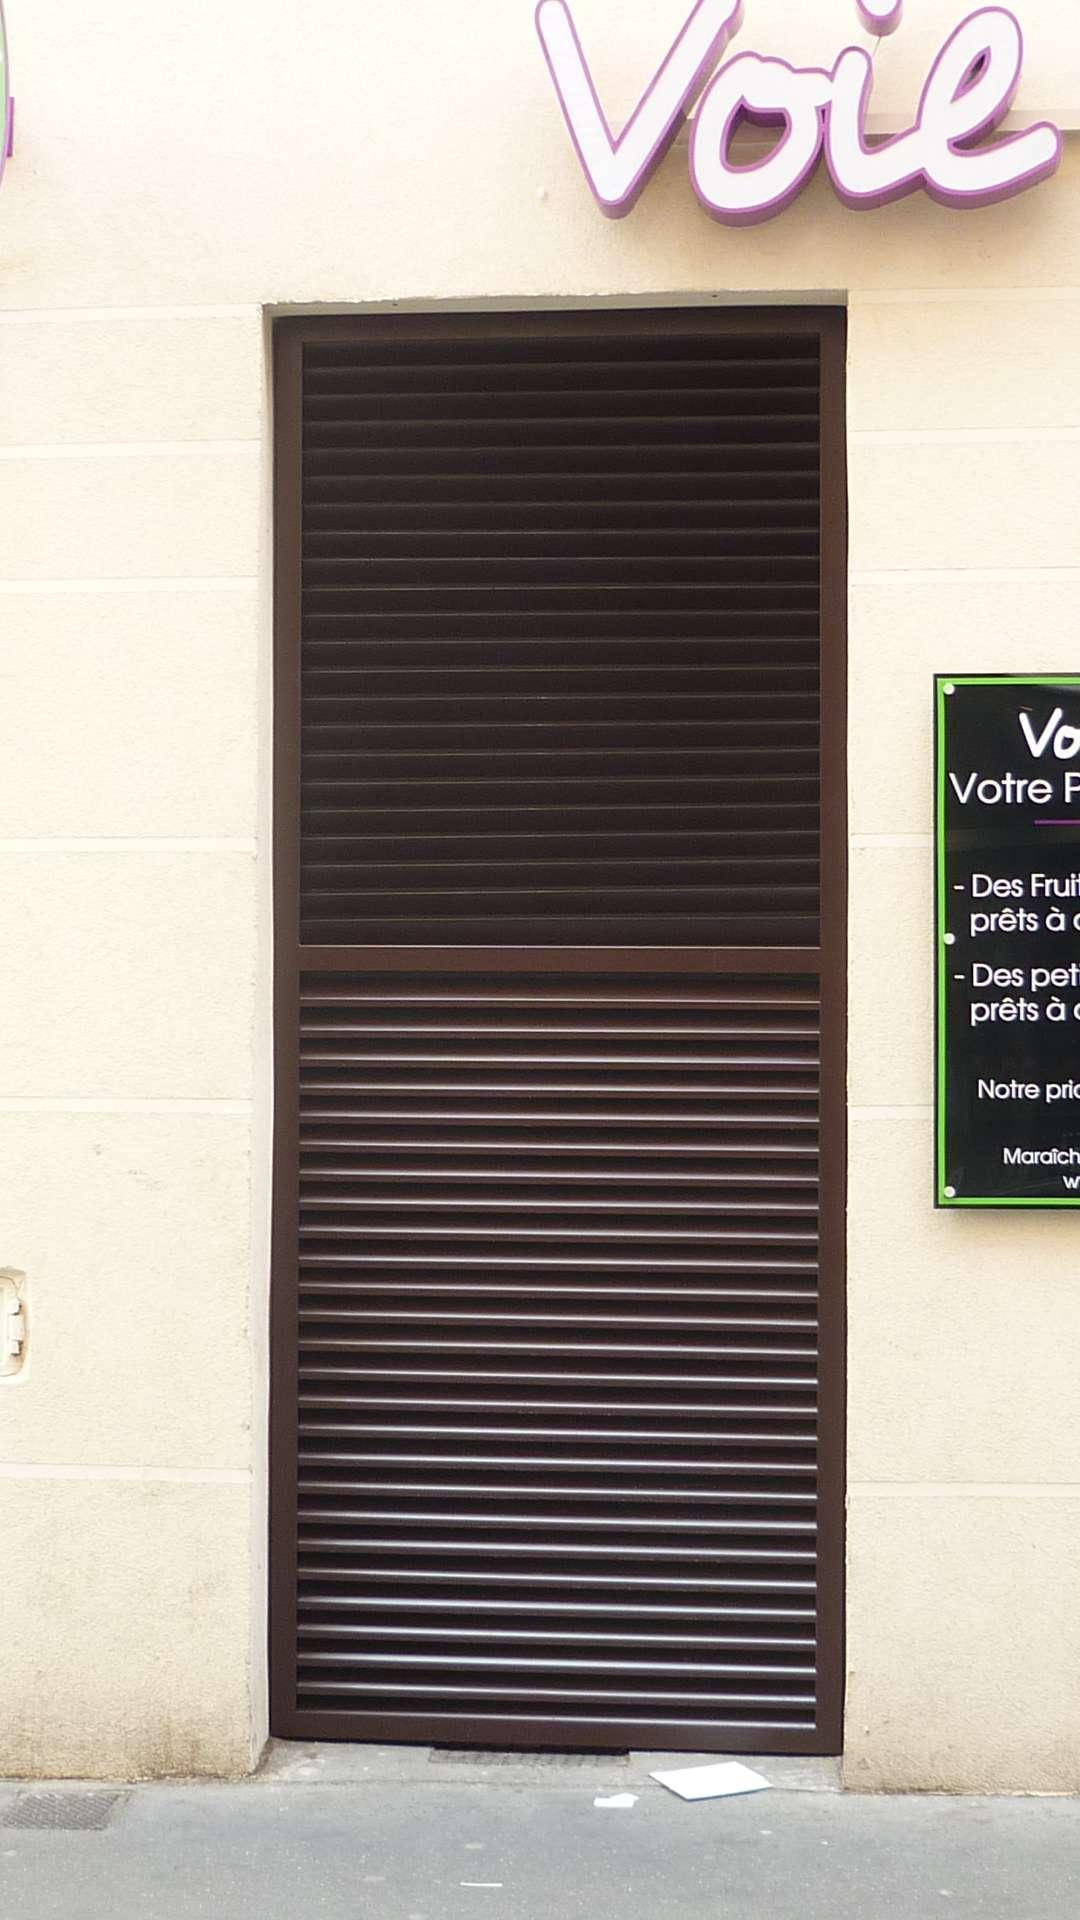 Grille acoustique grille de ventilation traitement - Grille de ventilation pour porte ...